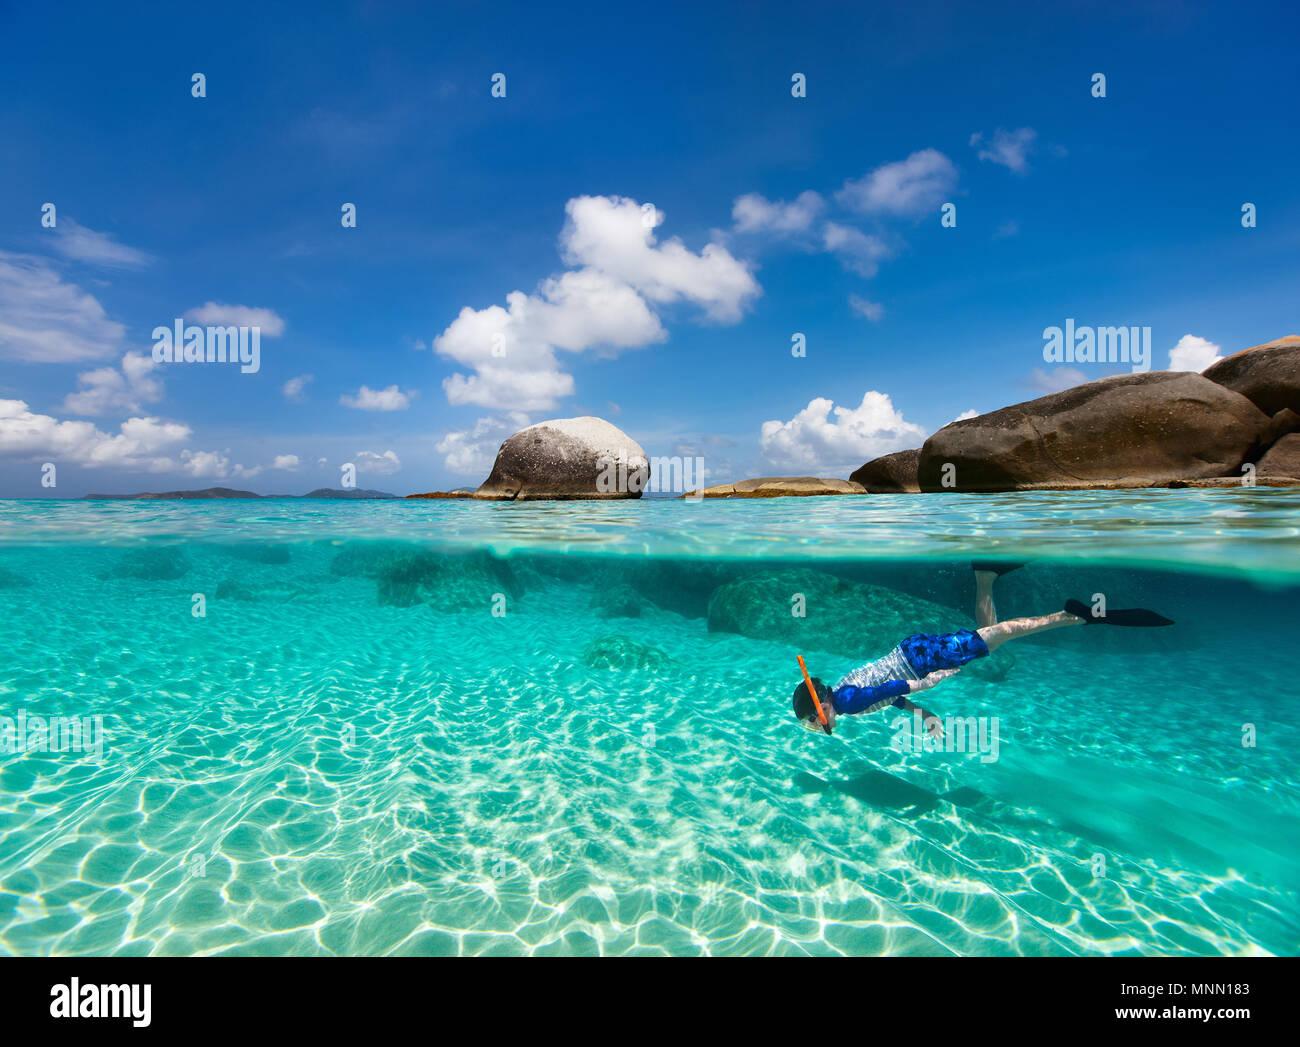 Split Foto des kleinen Jungen schnorcheln im türkisfarbenen Meer Wasser bei tropischen Insel Virgin Gorda, Britische Jungferninseln, Karibik Stockfoto